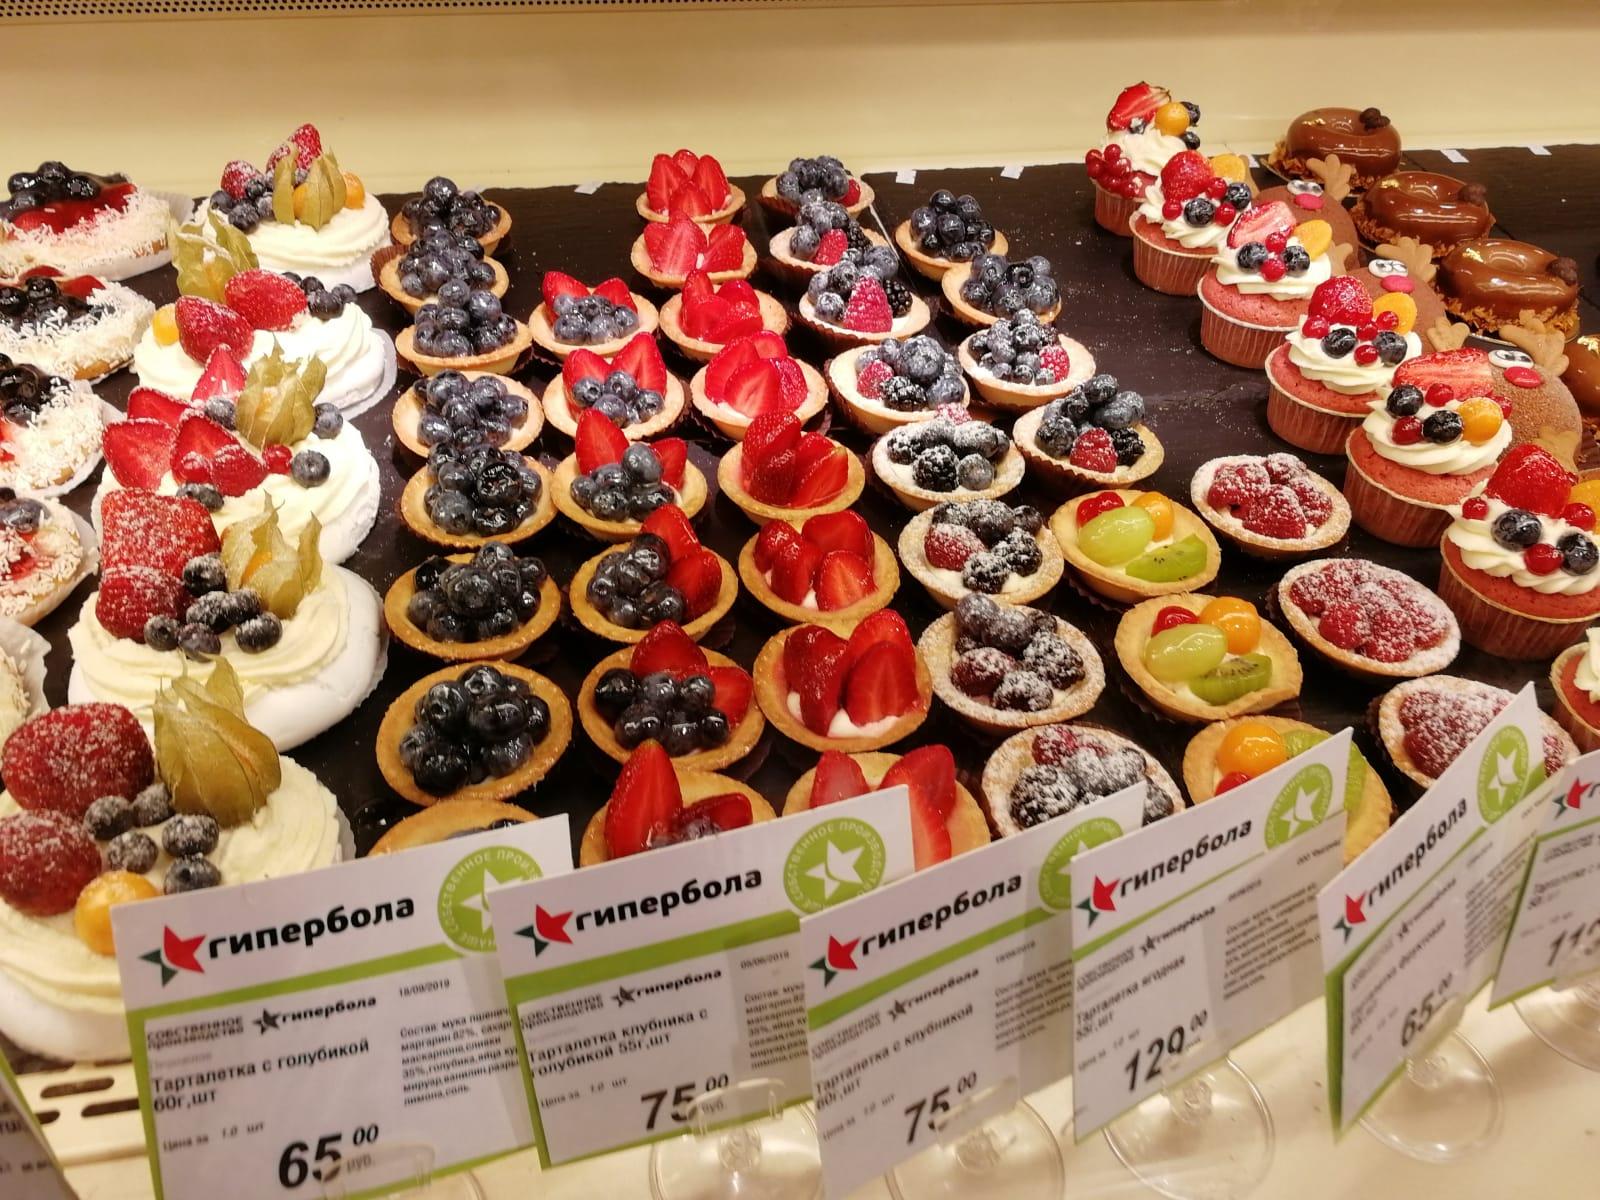 俄罗斯超市甜点蛋糕|俄罗斯留学物价|俄罗斯超市物价|俄罗斯留学